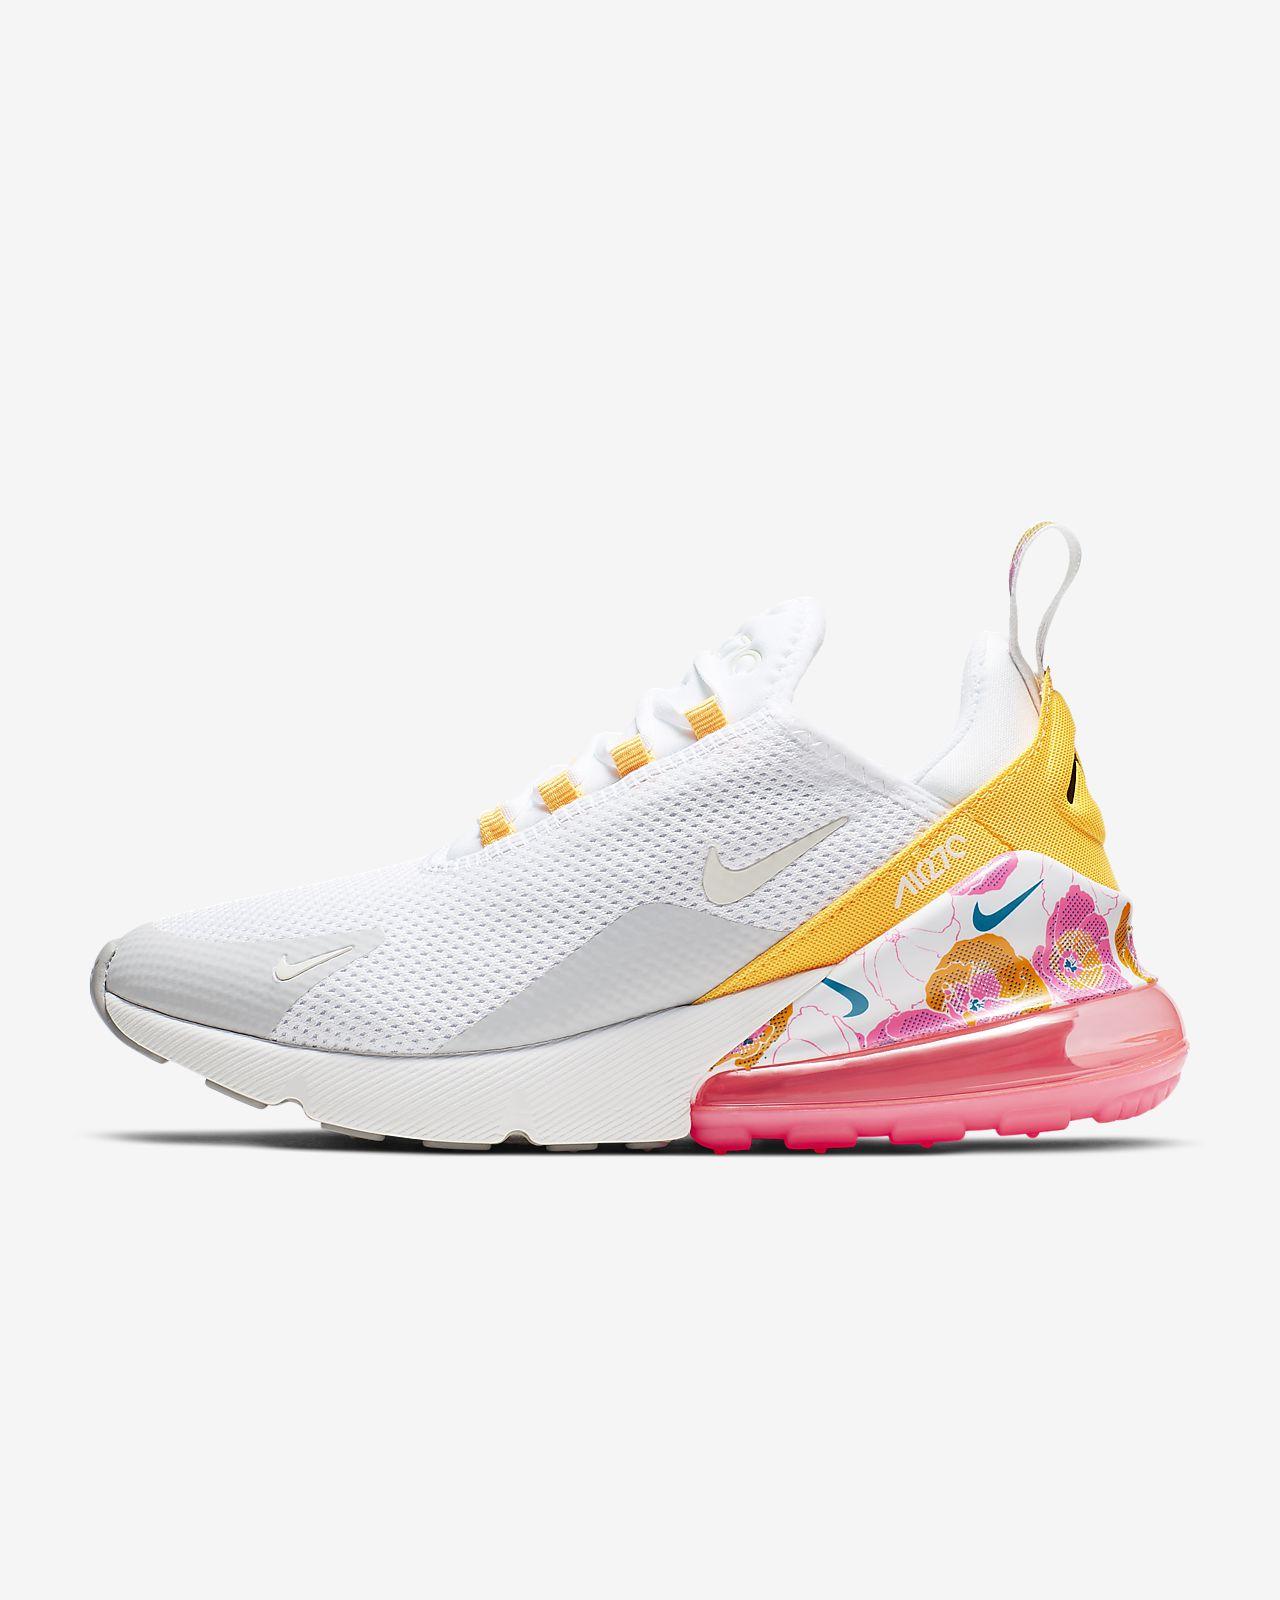 Γυναικείο παπούτσι Nike Air Max 270 SE Floral